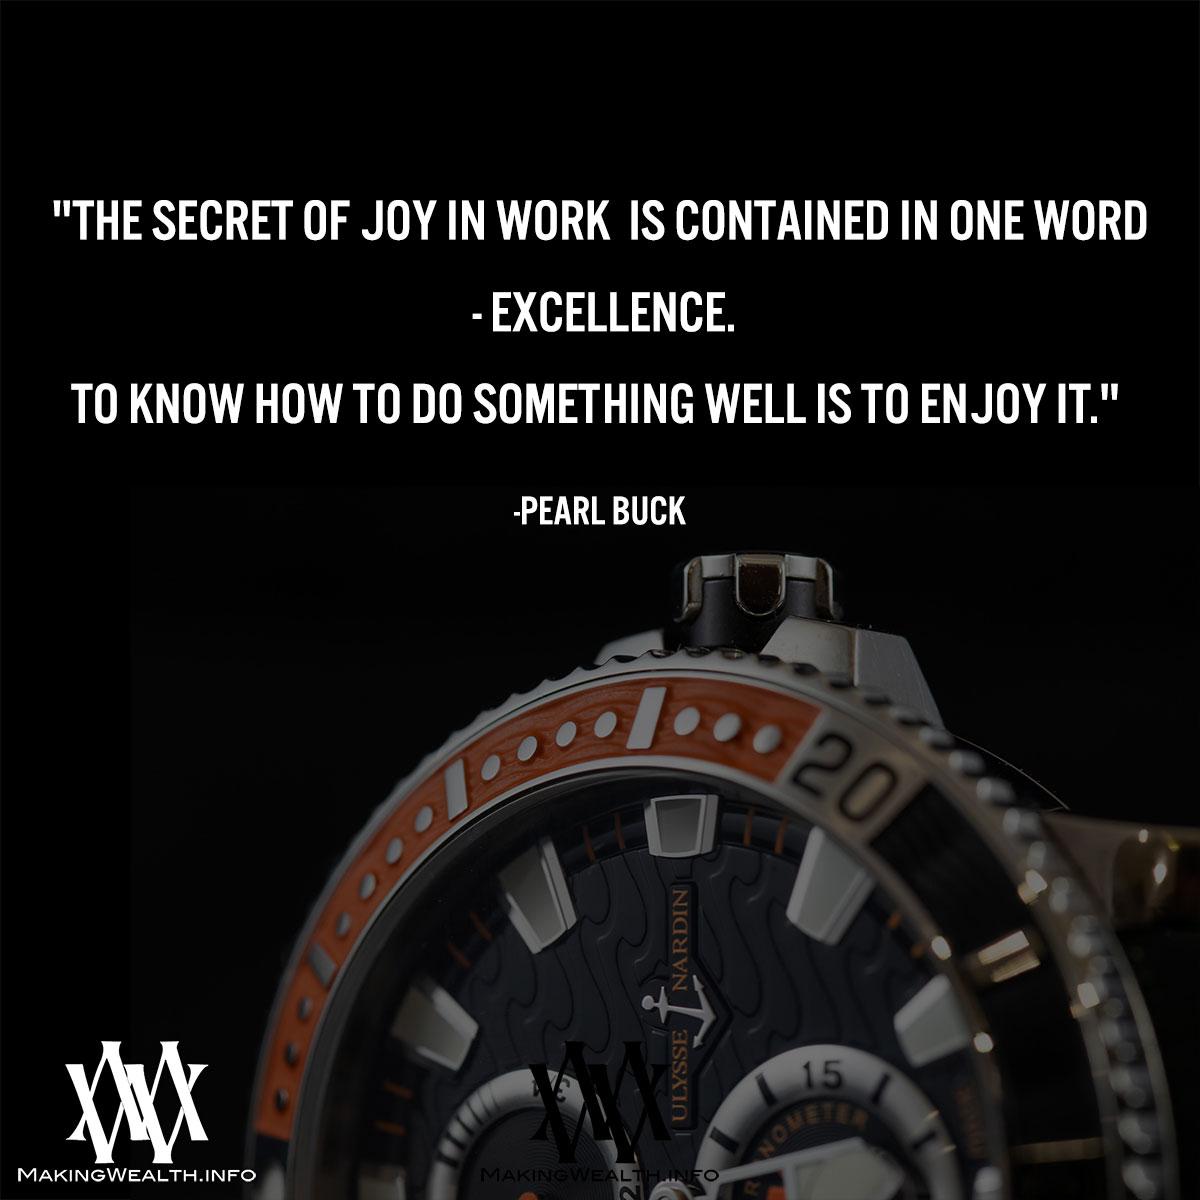 The Secret Of Joy In Work